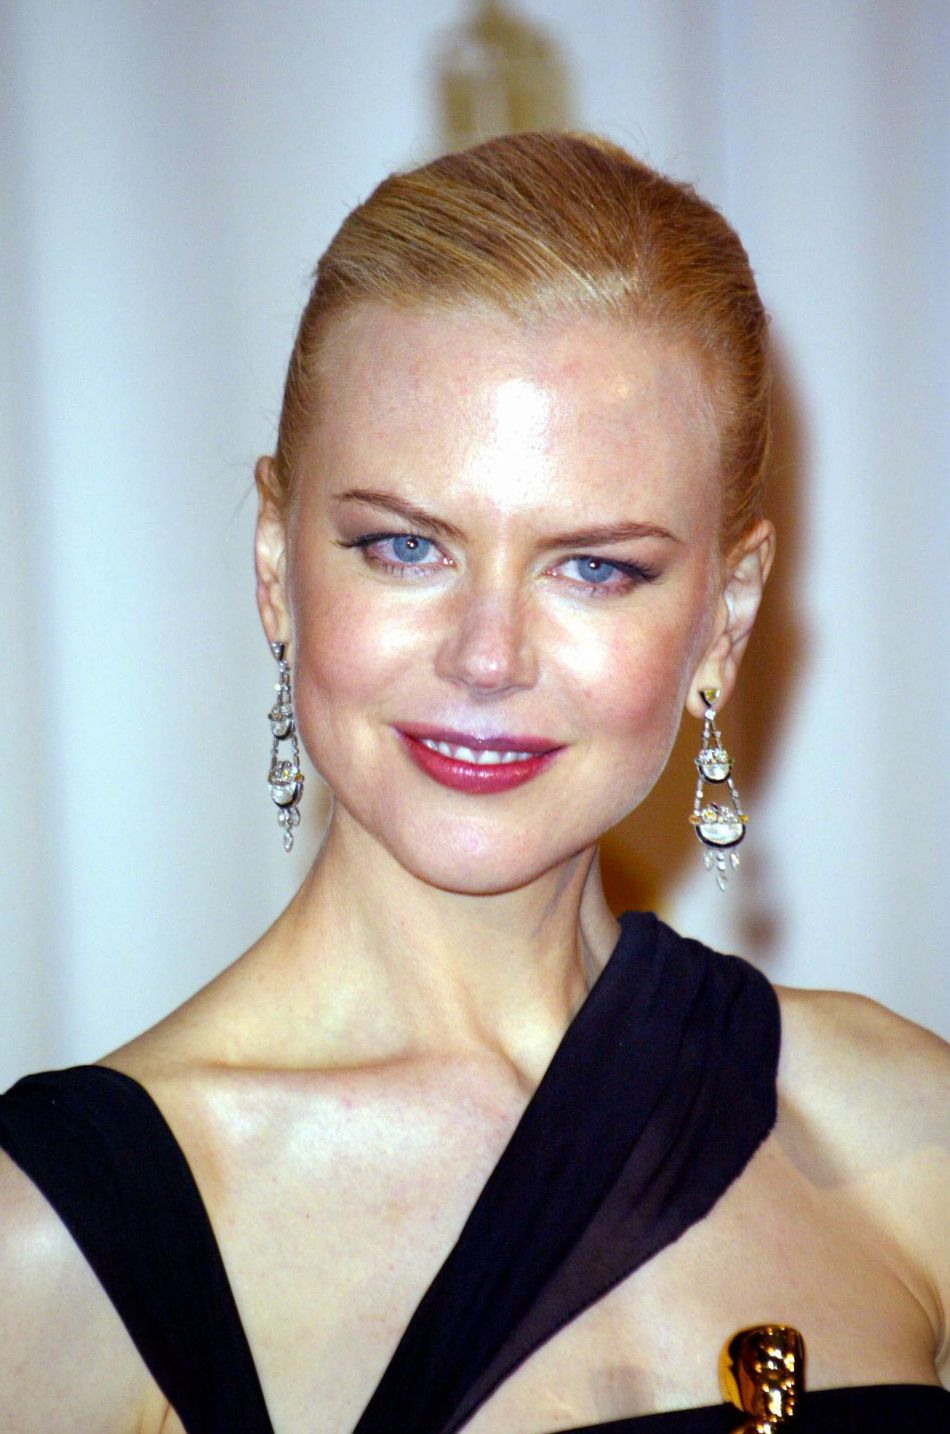 En 2003, c'est une Nicole Kidman très tirée qui prend la pose aux Oscars.